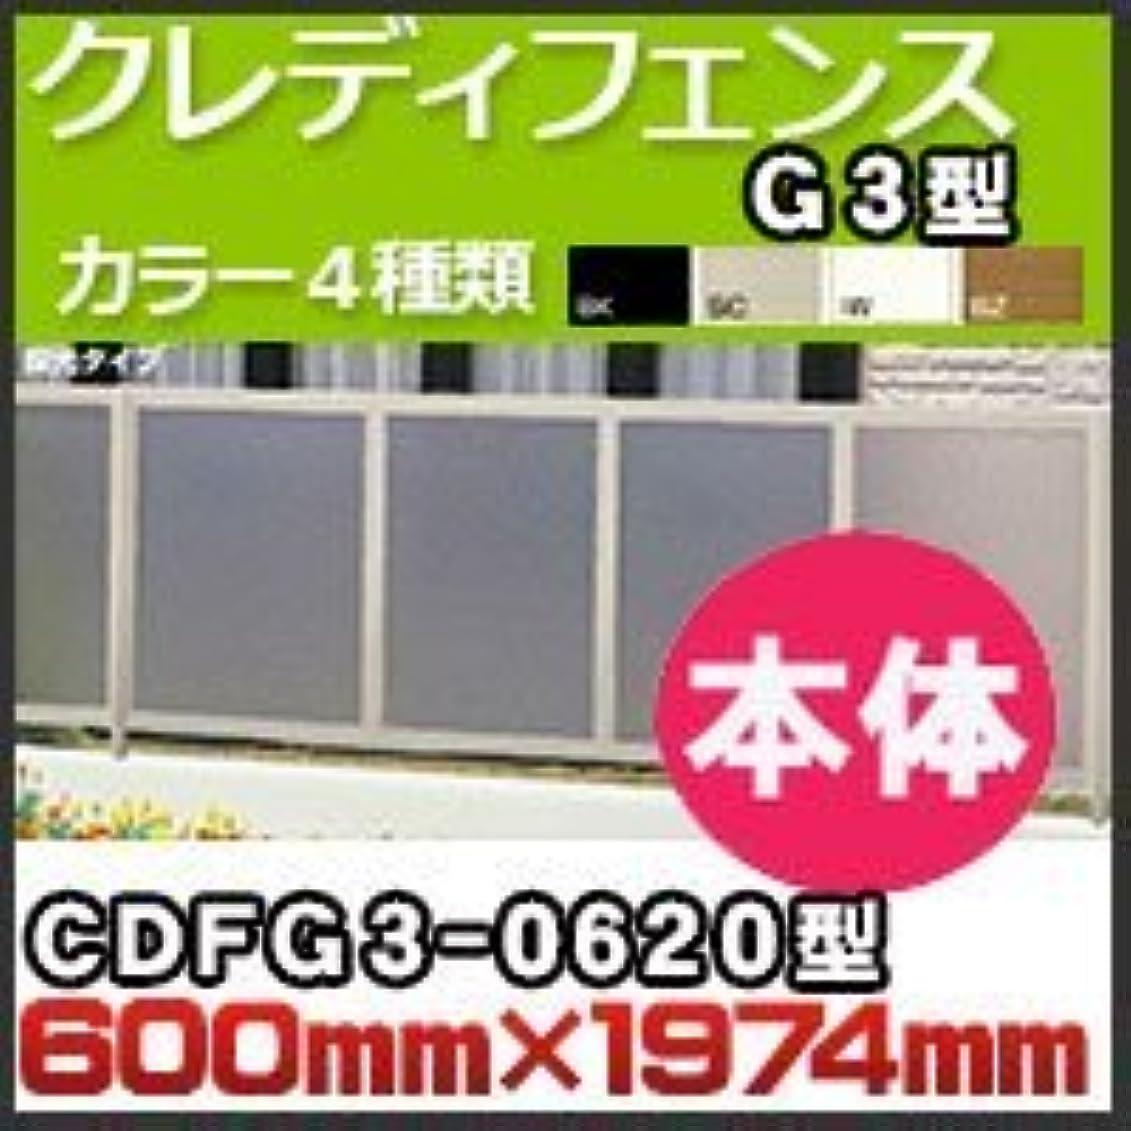 四国化成 クレディフェンスG3型本体CDFG3-0620 H600mm×W1,974 ブロンズ